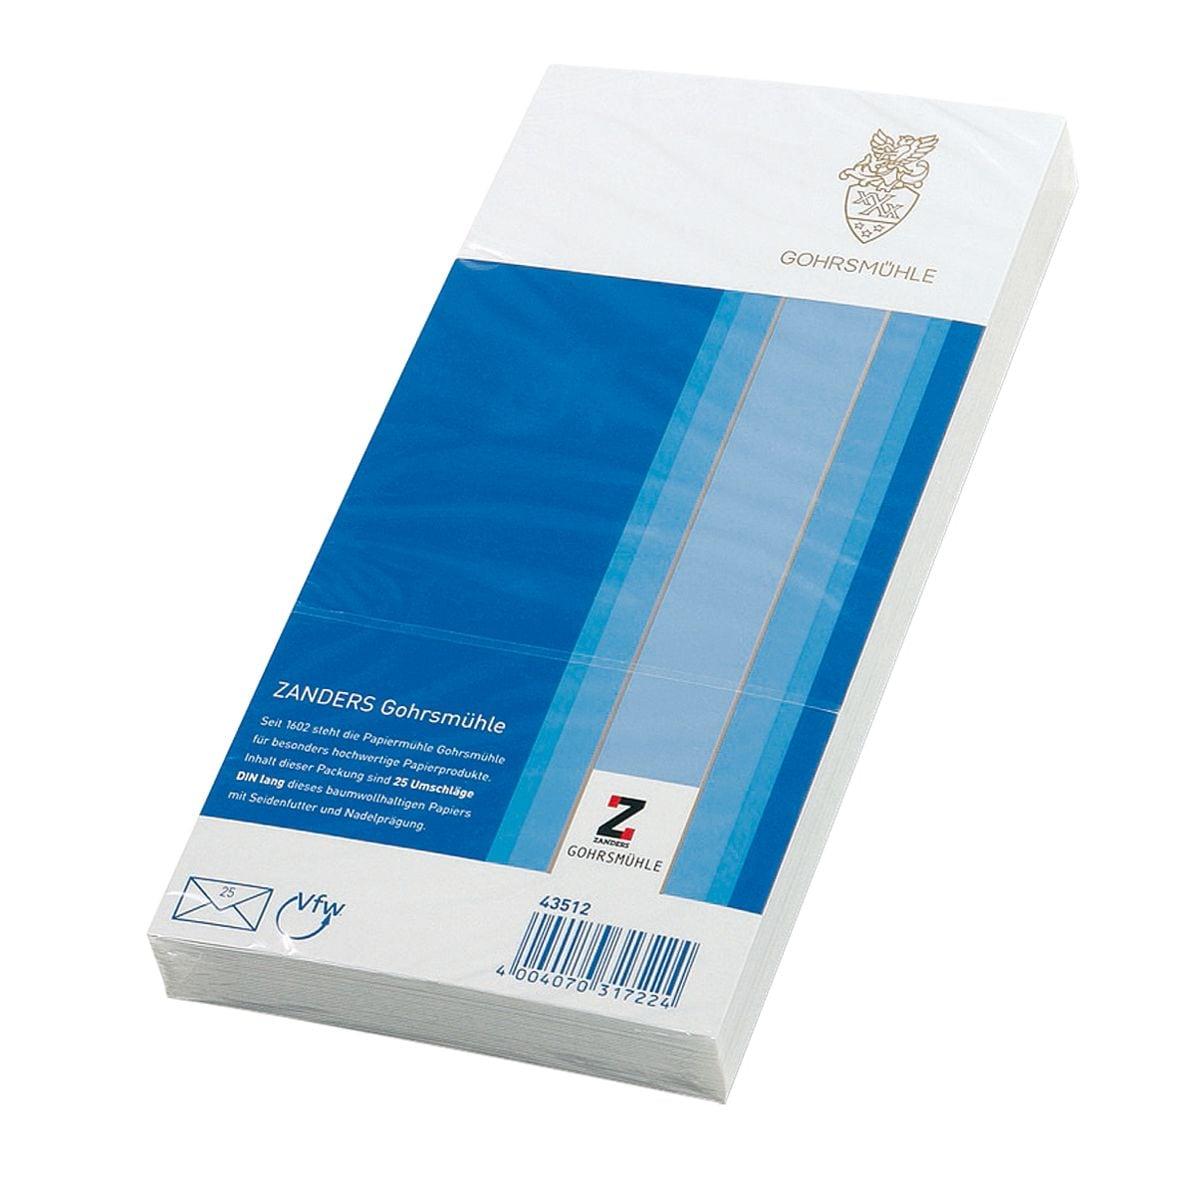 enveloppes Zanders Gohrsmühle, DL 80 g/m² sans fenêtre, fermeture à patte gommée - 25 pièce(s)